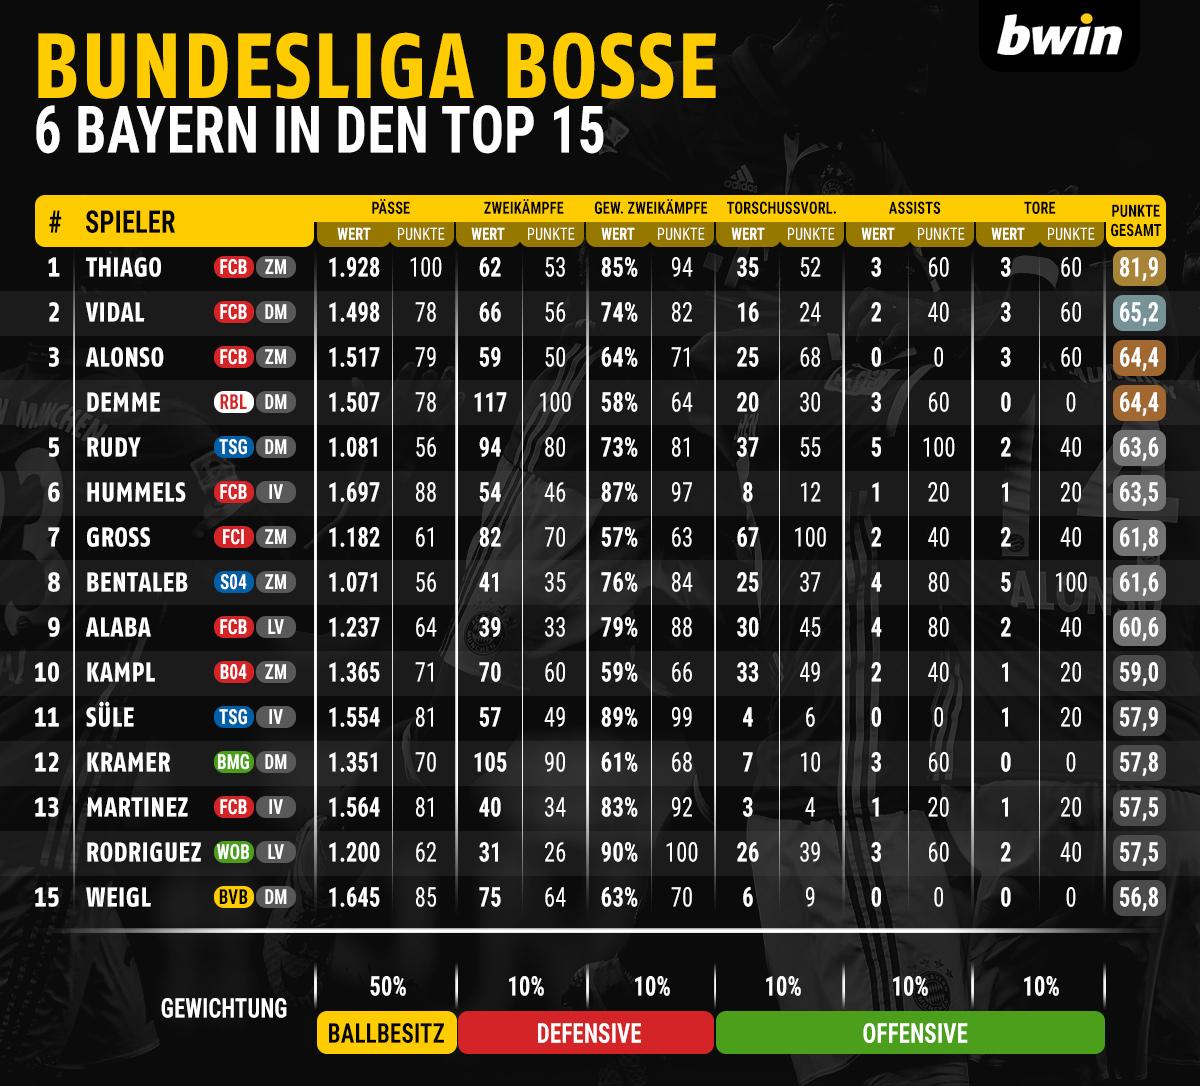 bwin_bl_boss_tabelle